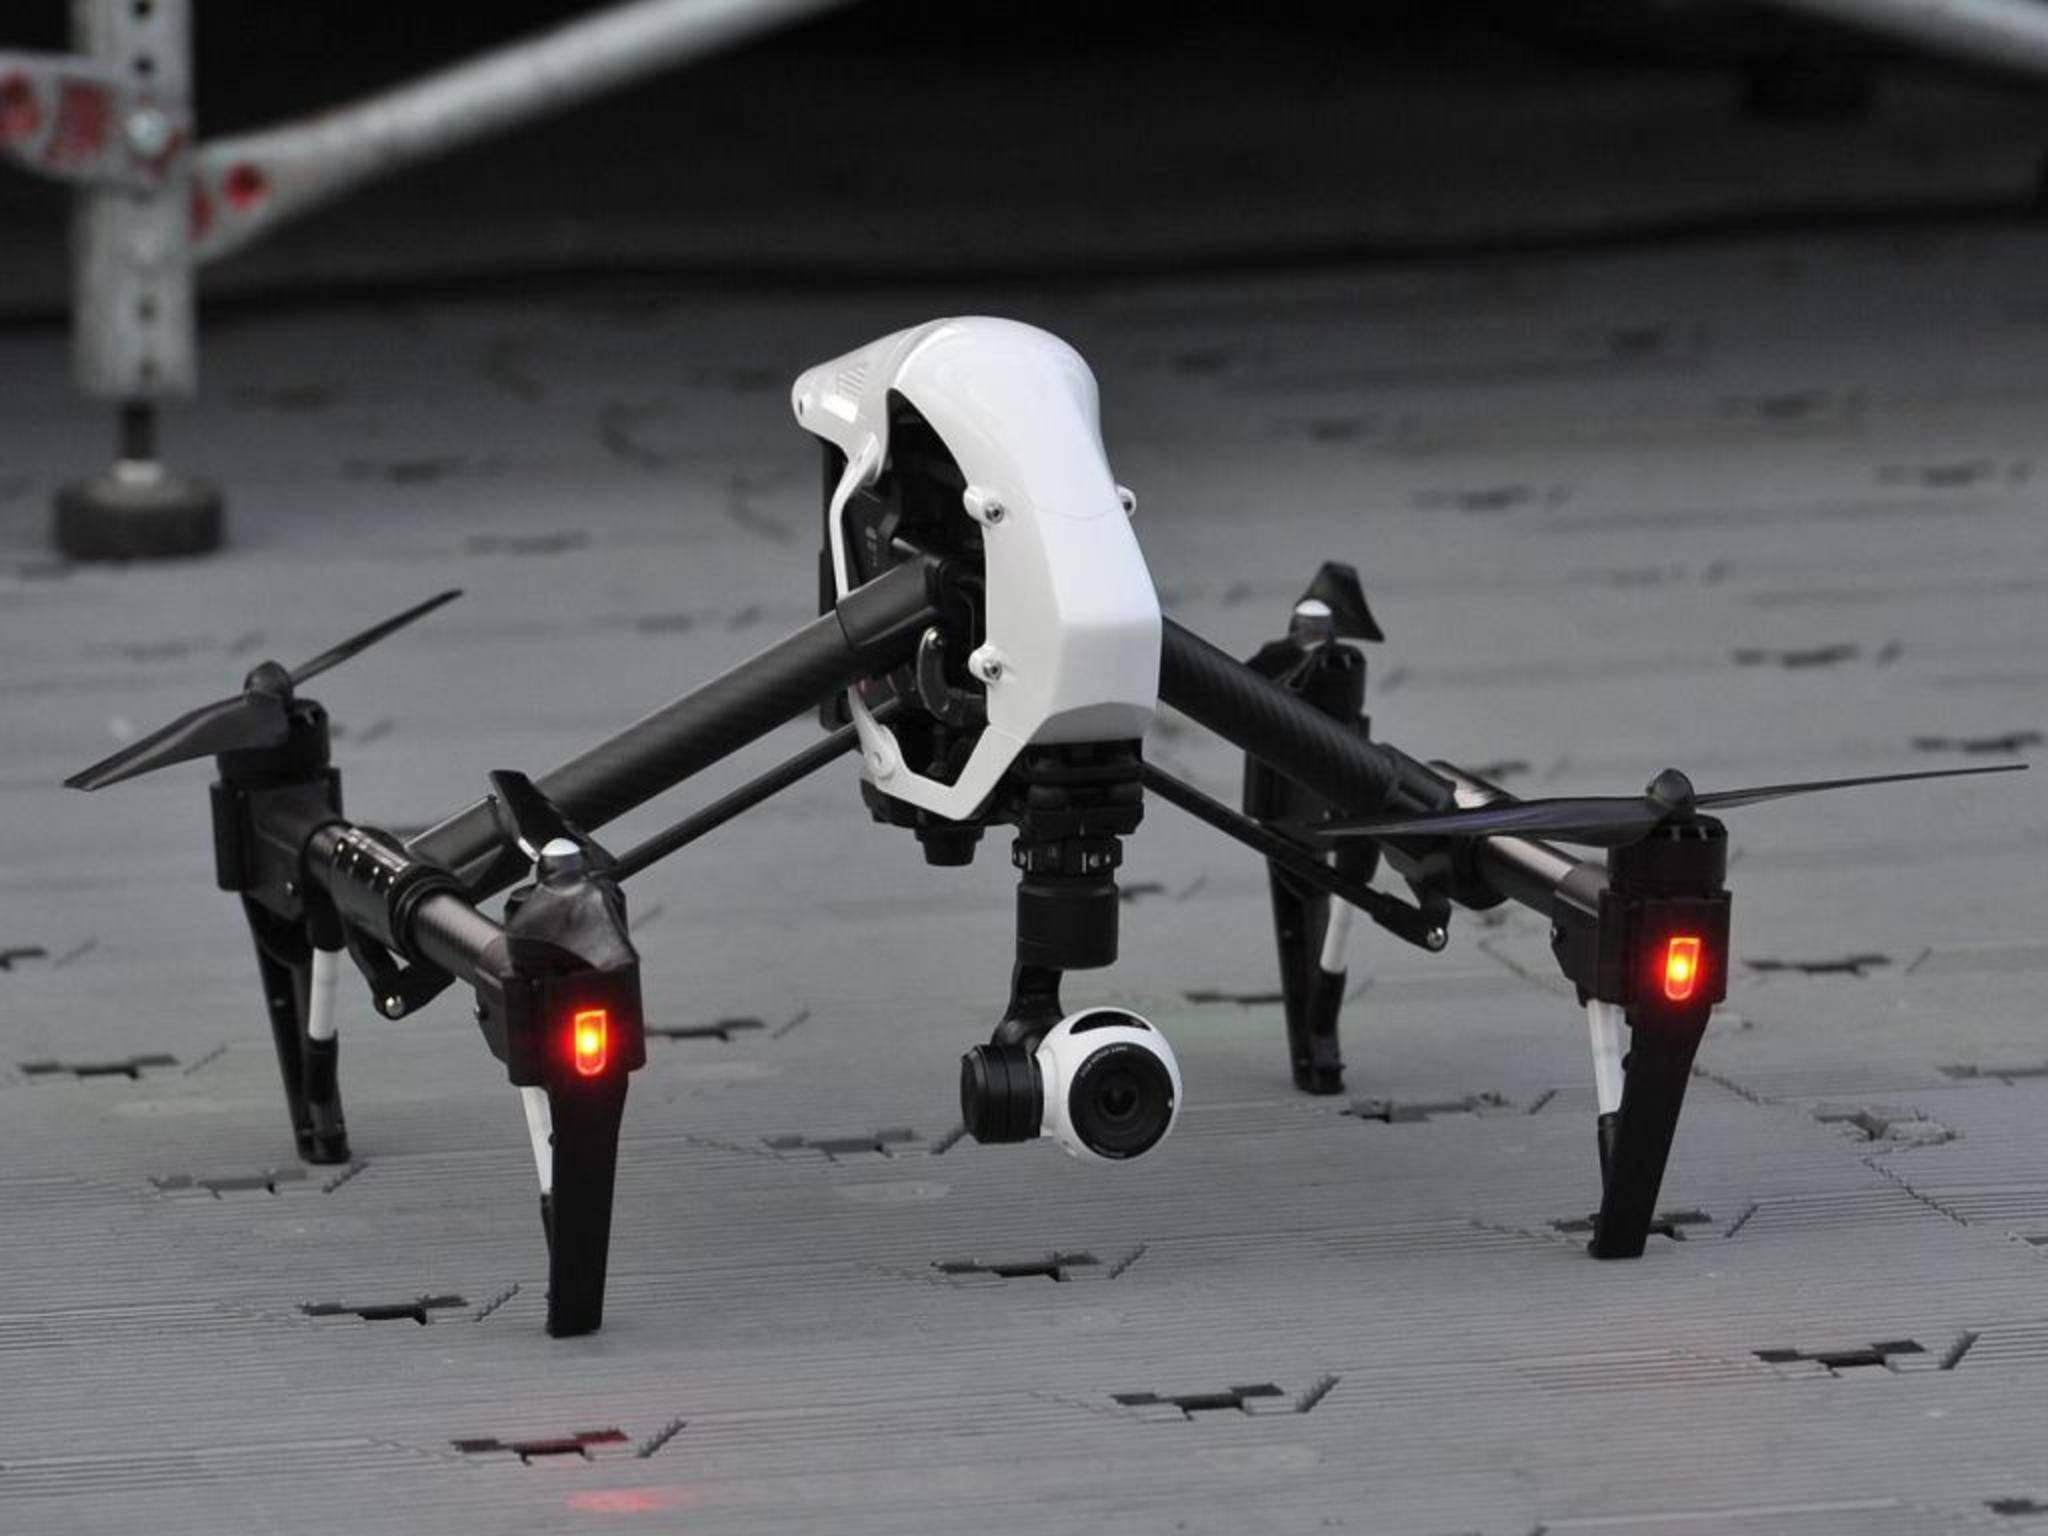 Drohnen-Hersteller DJI will durch den Zusammenschluss mit Olympus und Panasonic noch höher hinaus.